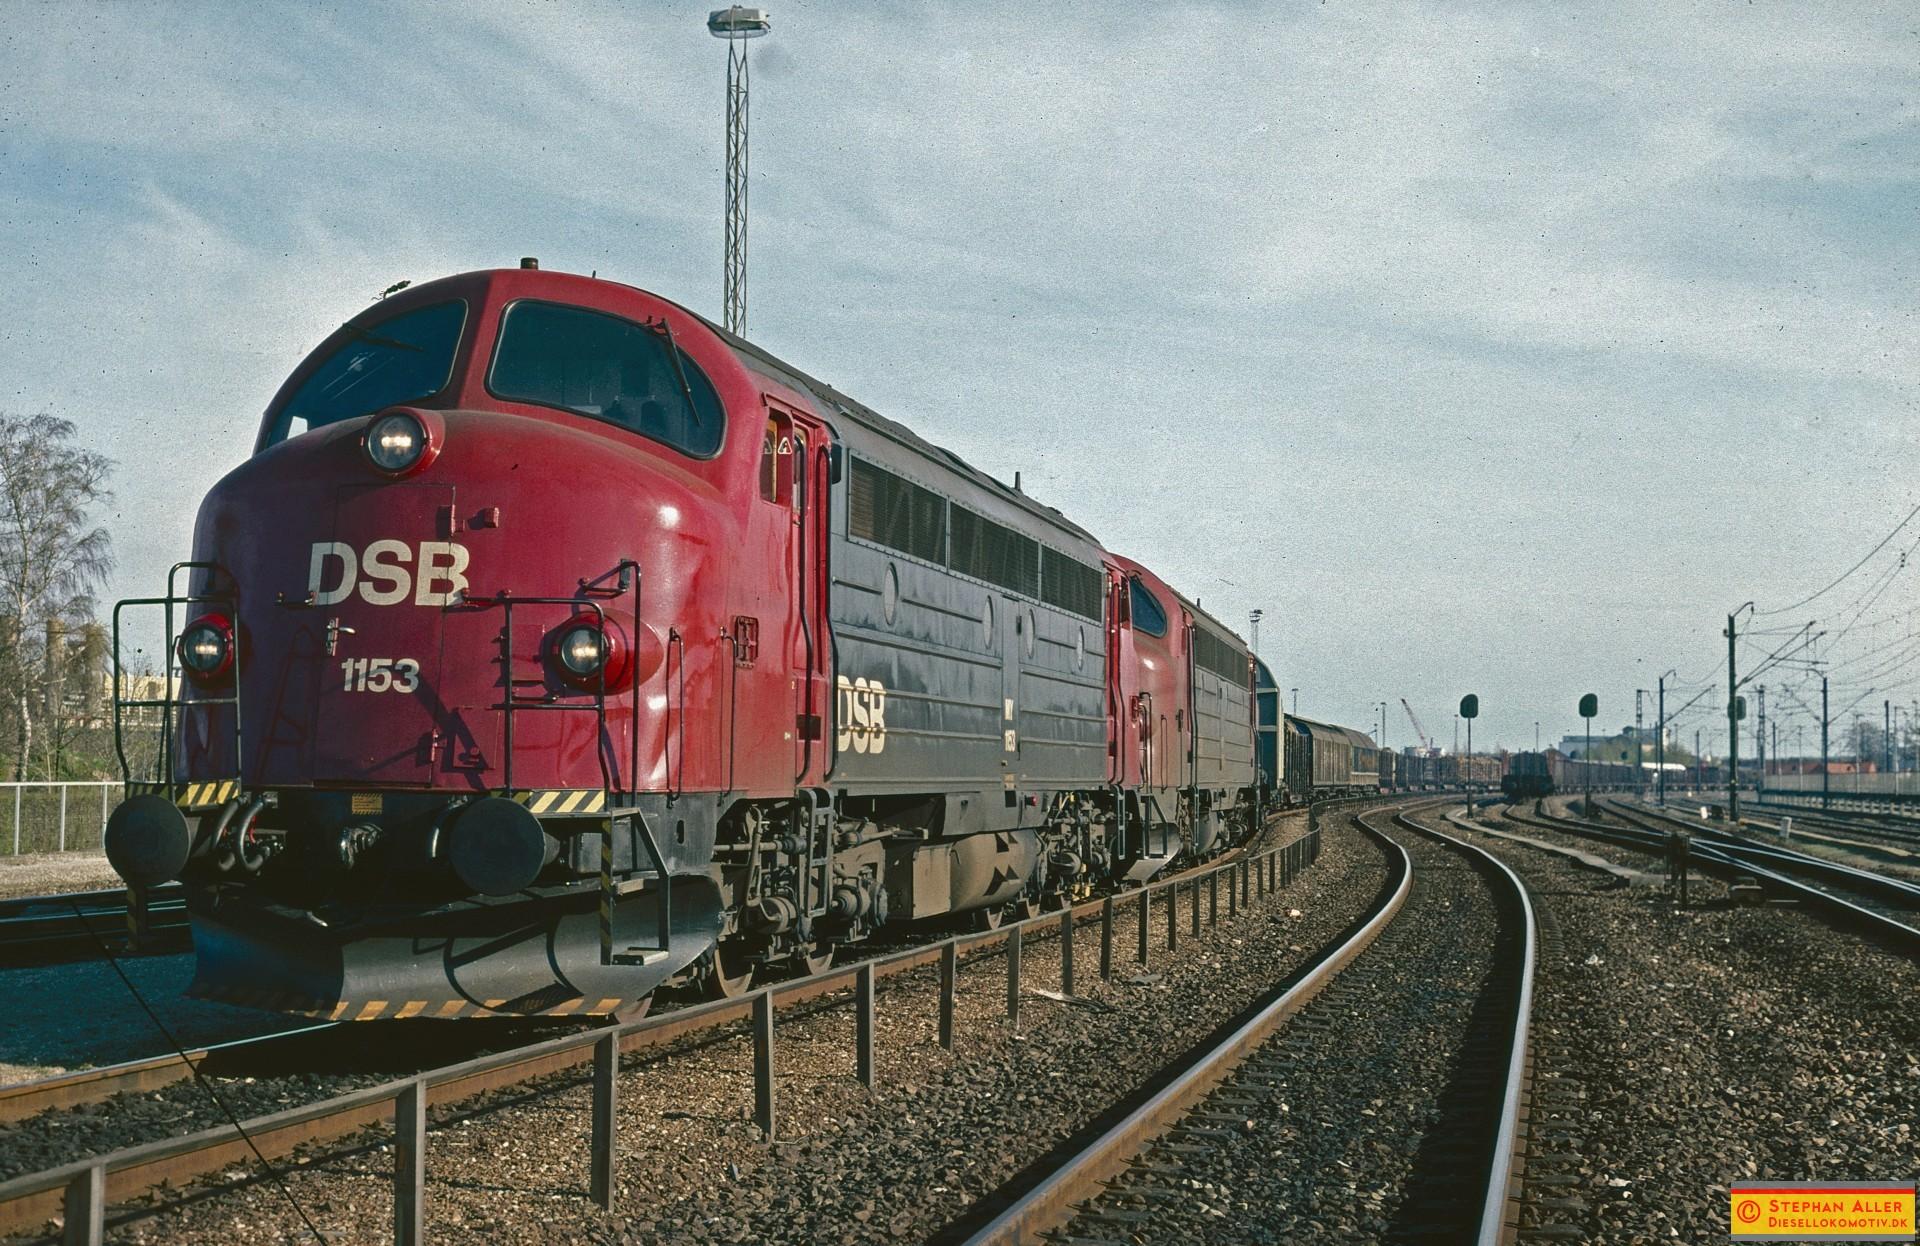 FP1271r